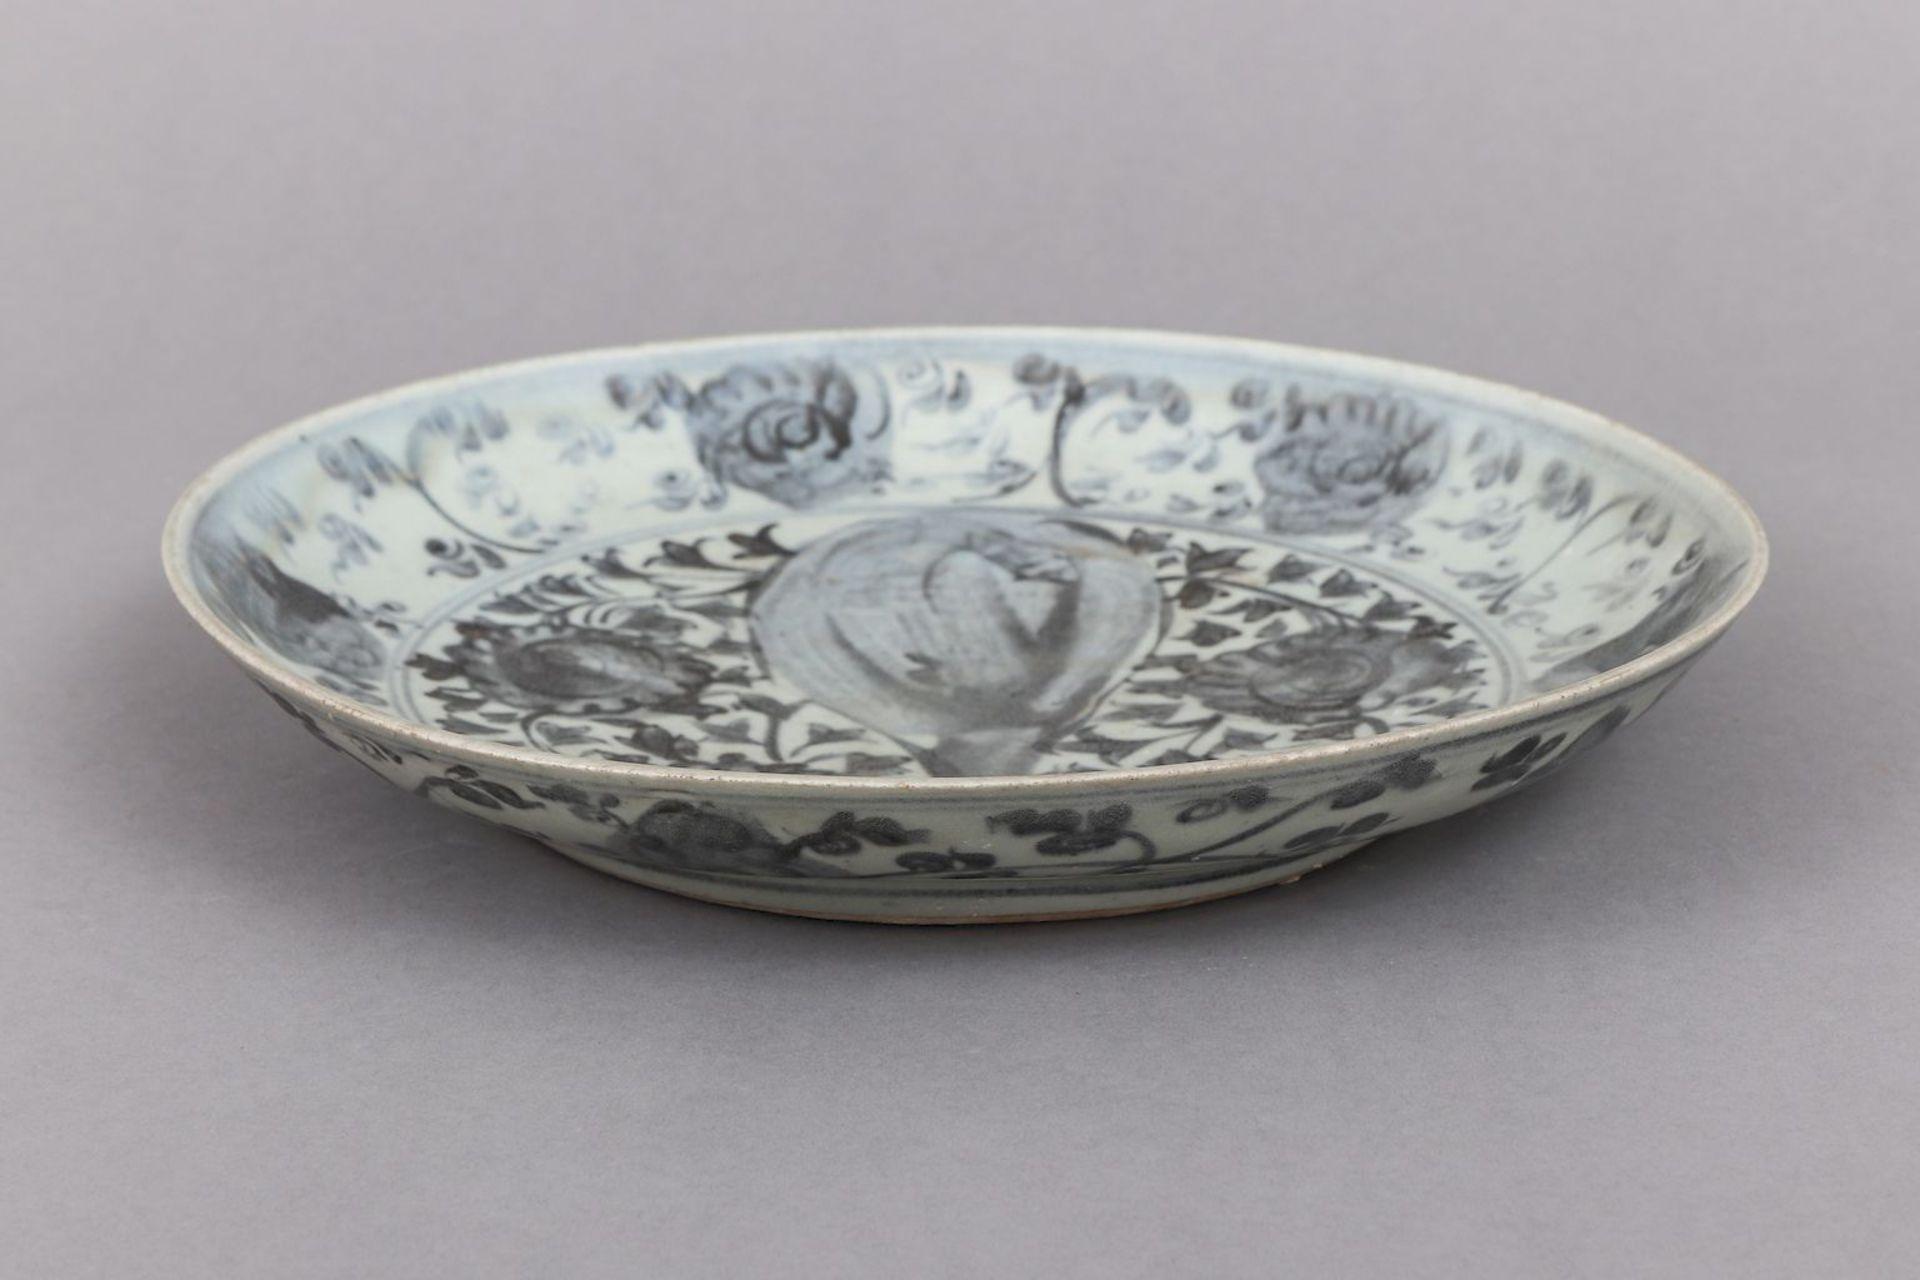 Chinesischer Porzellanteller mit Blaumalerei - Image 4 of 4